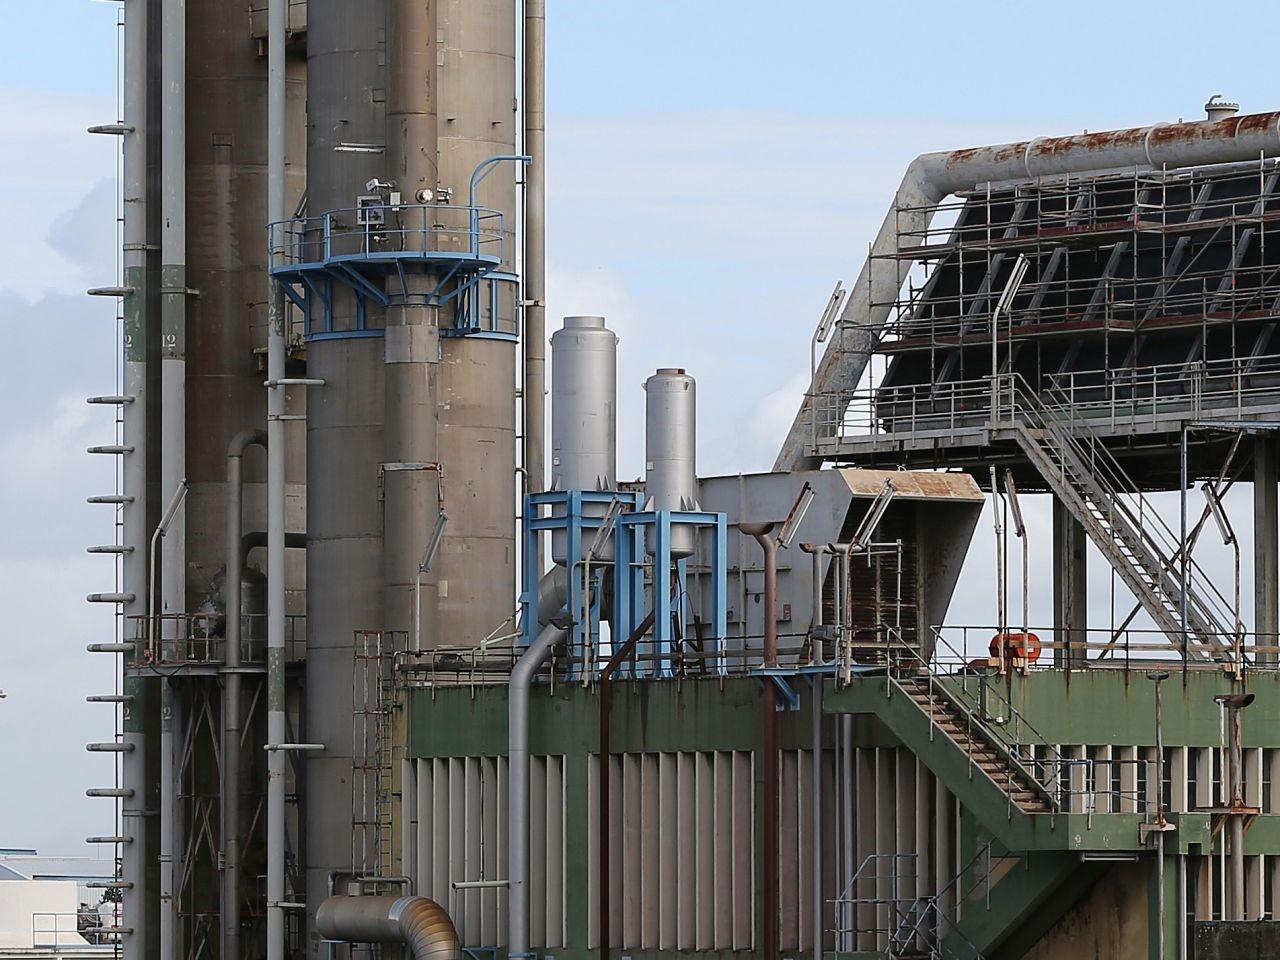 ngành công nghiệp vật liệu xây dựng ở Bồ Đào Nha